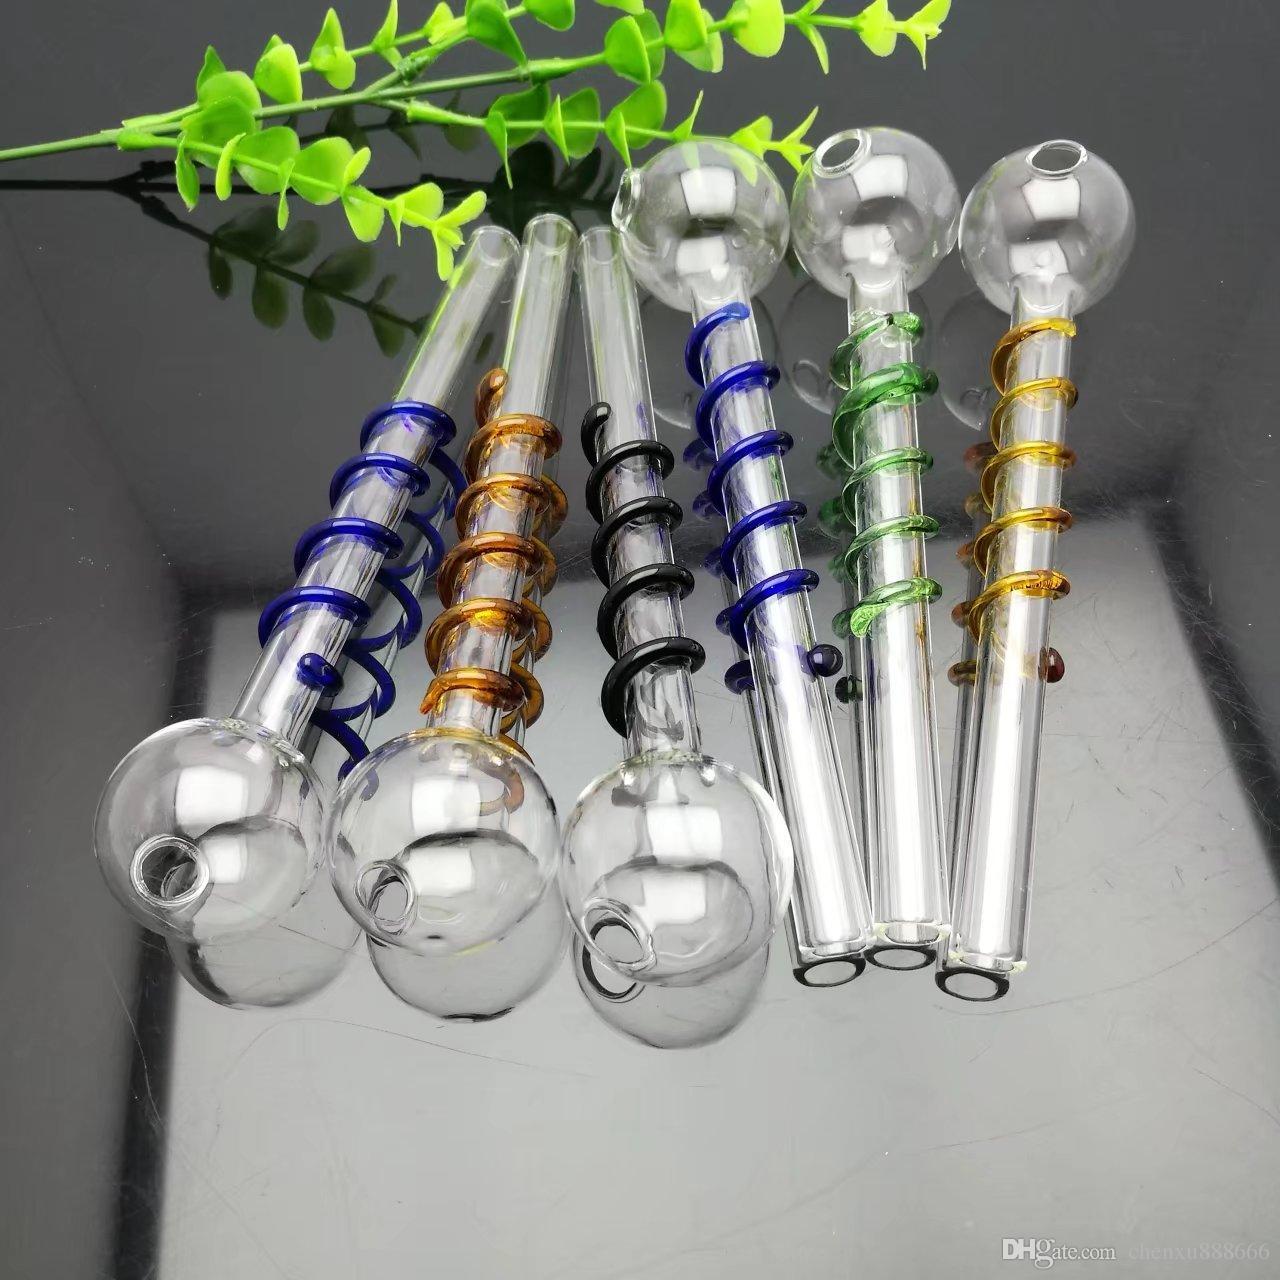 Цвет пластины провод стекла горшок прямо буллы Оптовая стеклянные бонги масла горелки Стеклянные трубы для воды труб нефтяных вышек, масло.